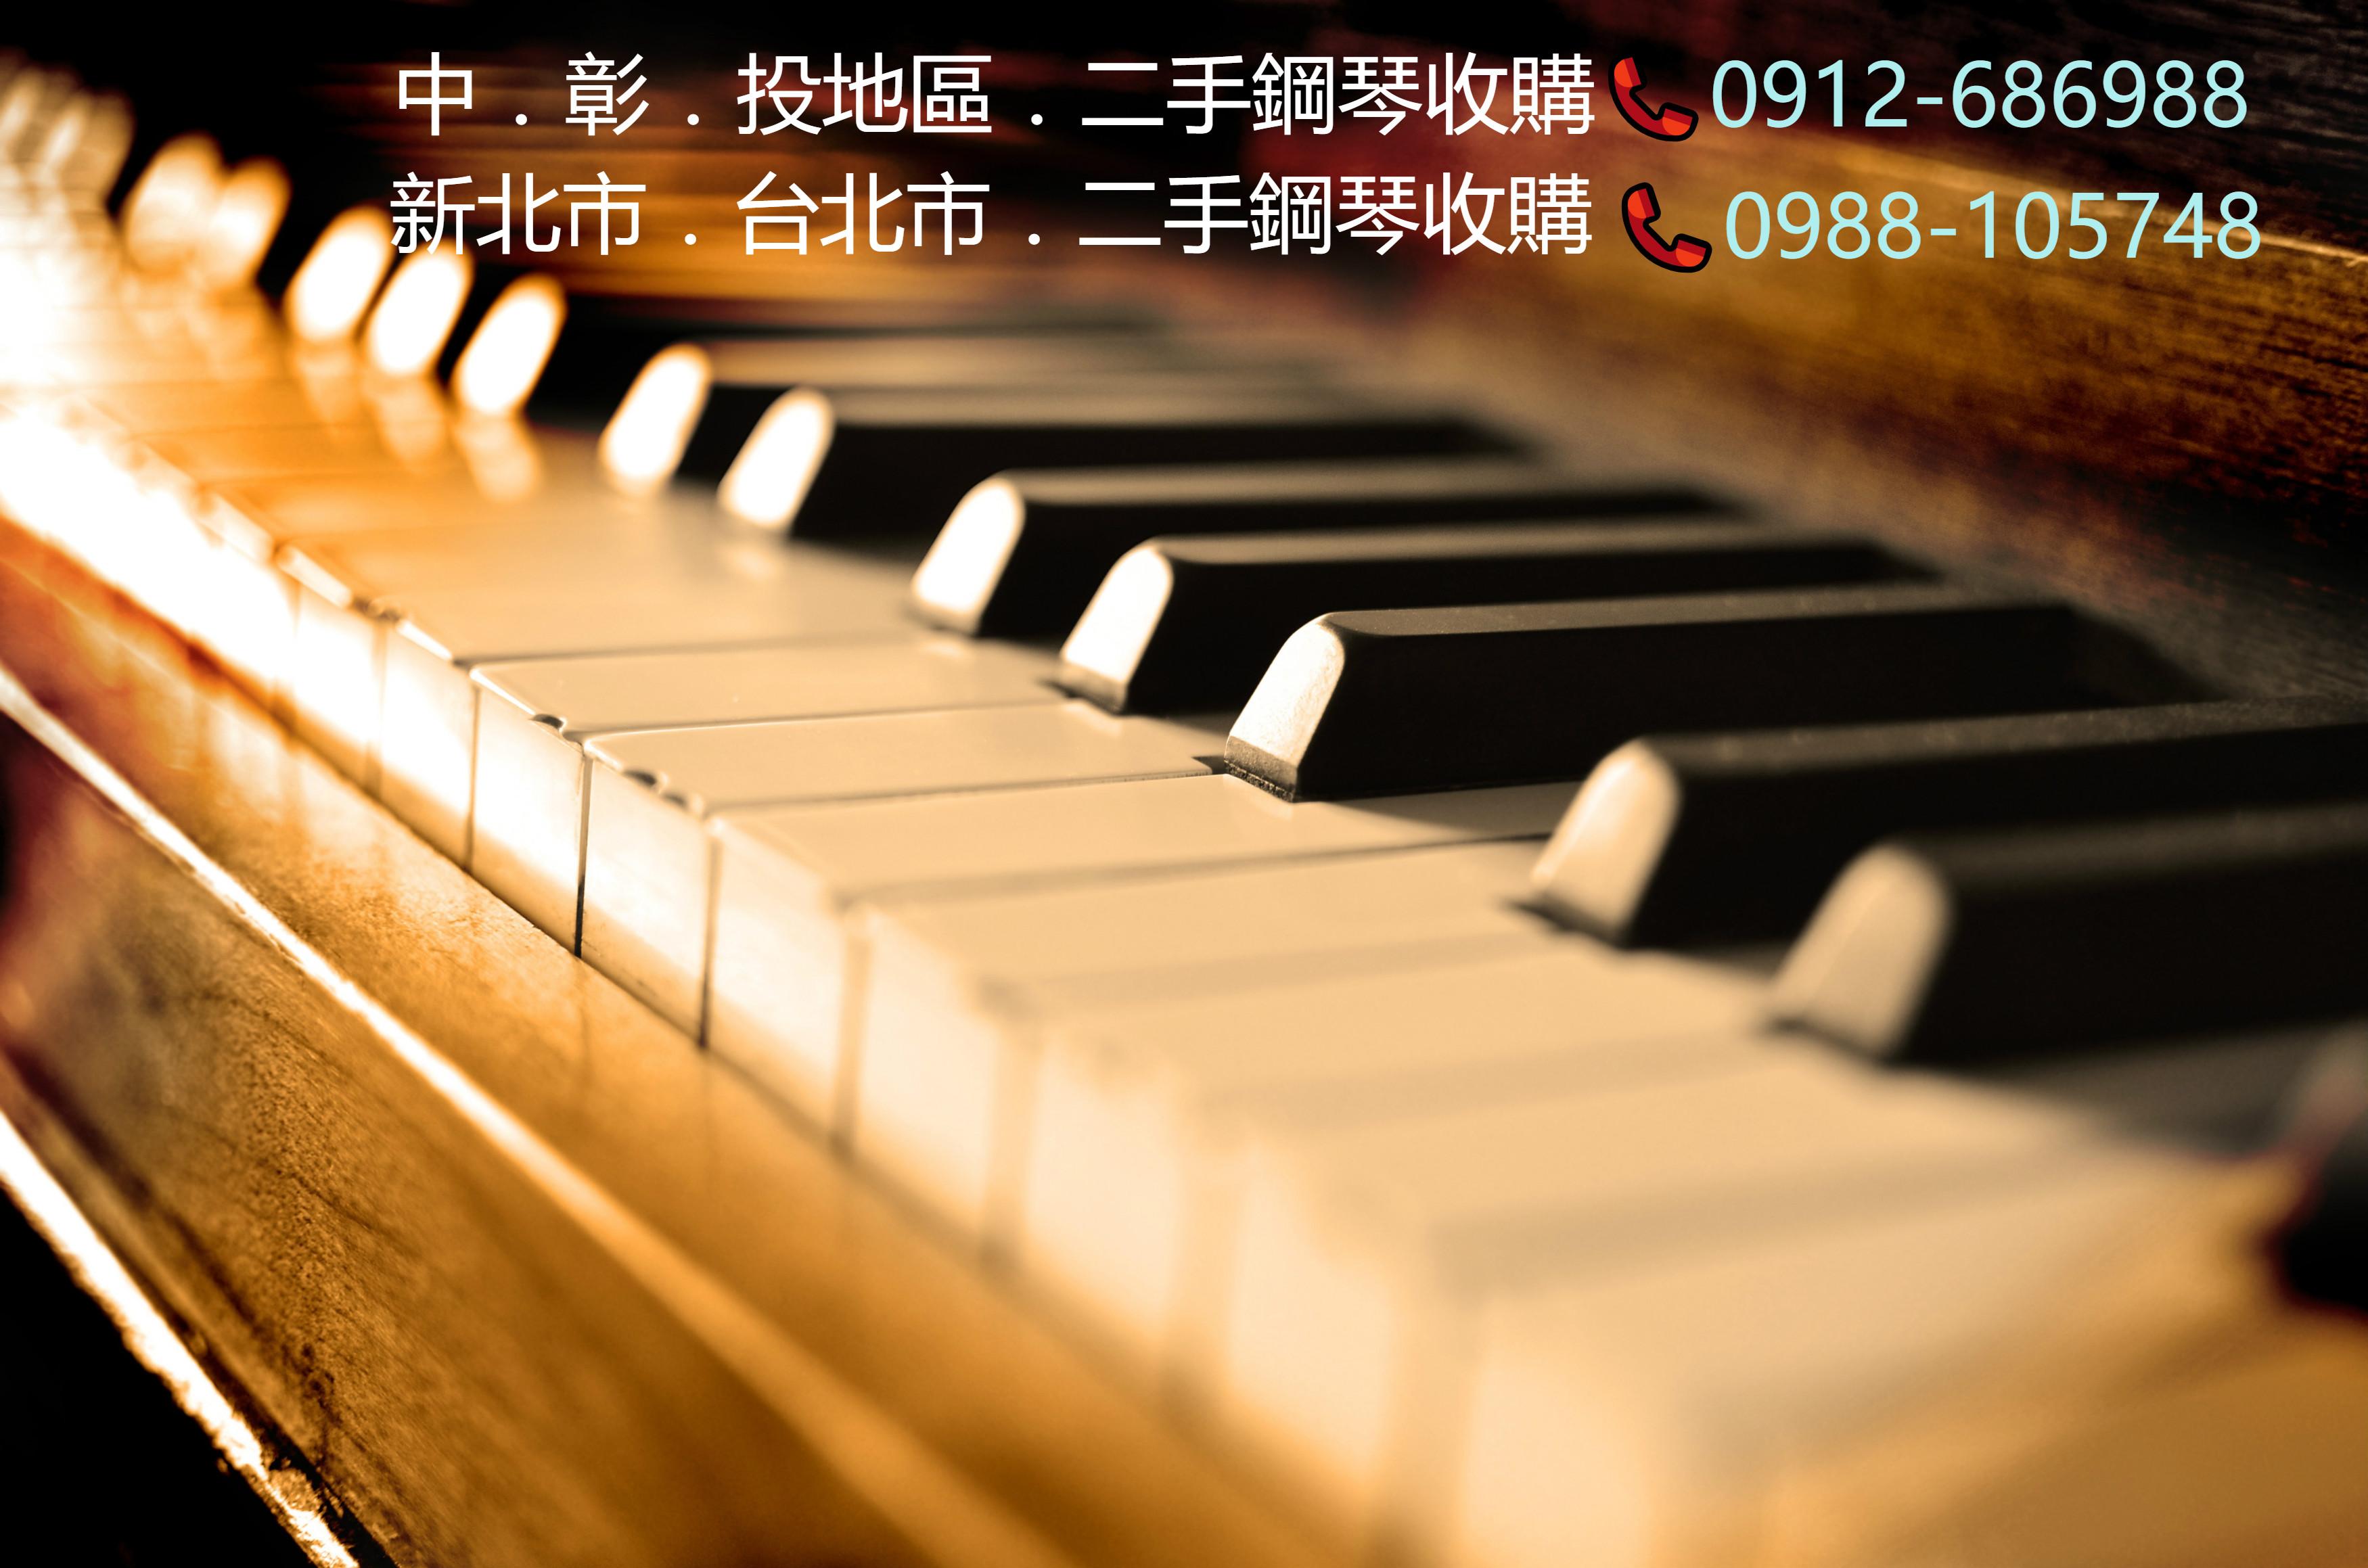 中.彰.投地區.新北市.台北市.二手鋼琴收購.jpg